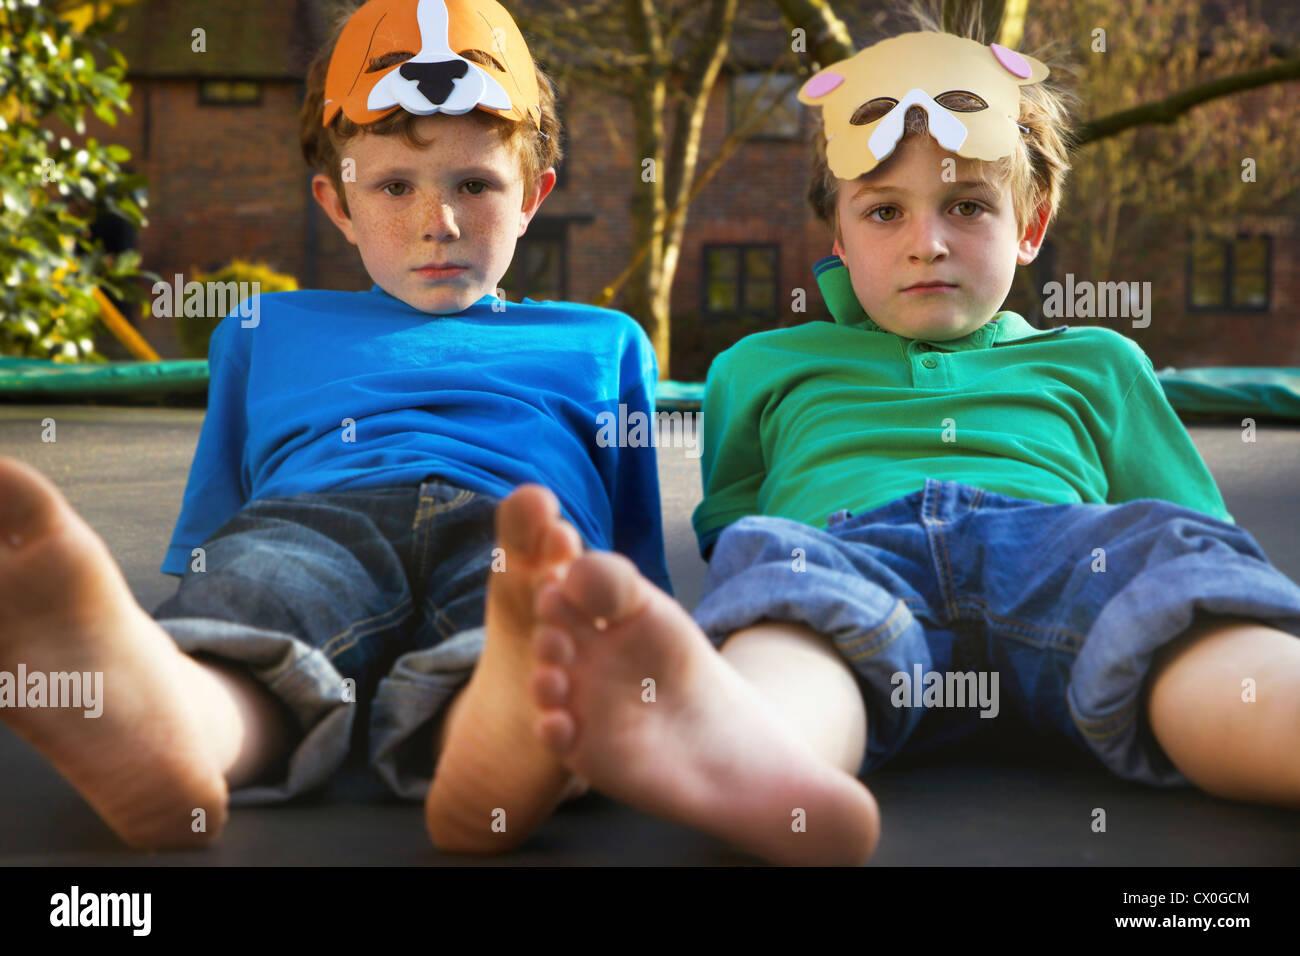 Zwei jungen mit Masken auf Trampolin liegen Stockfoto